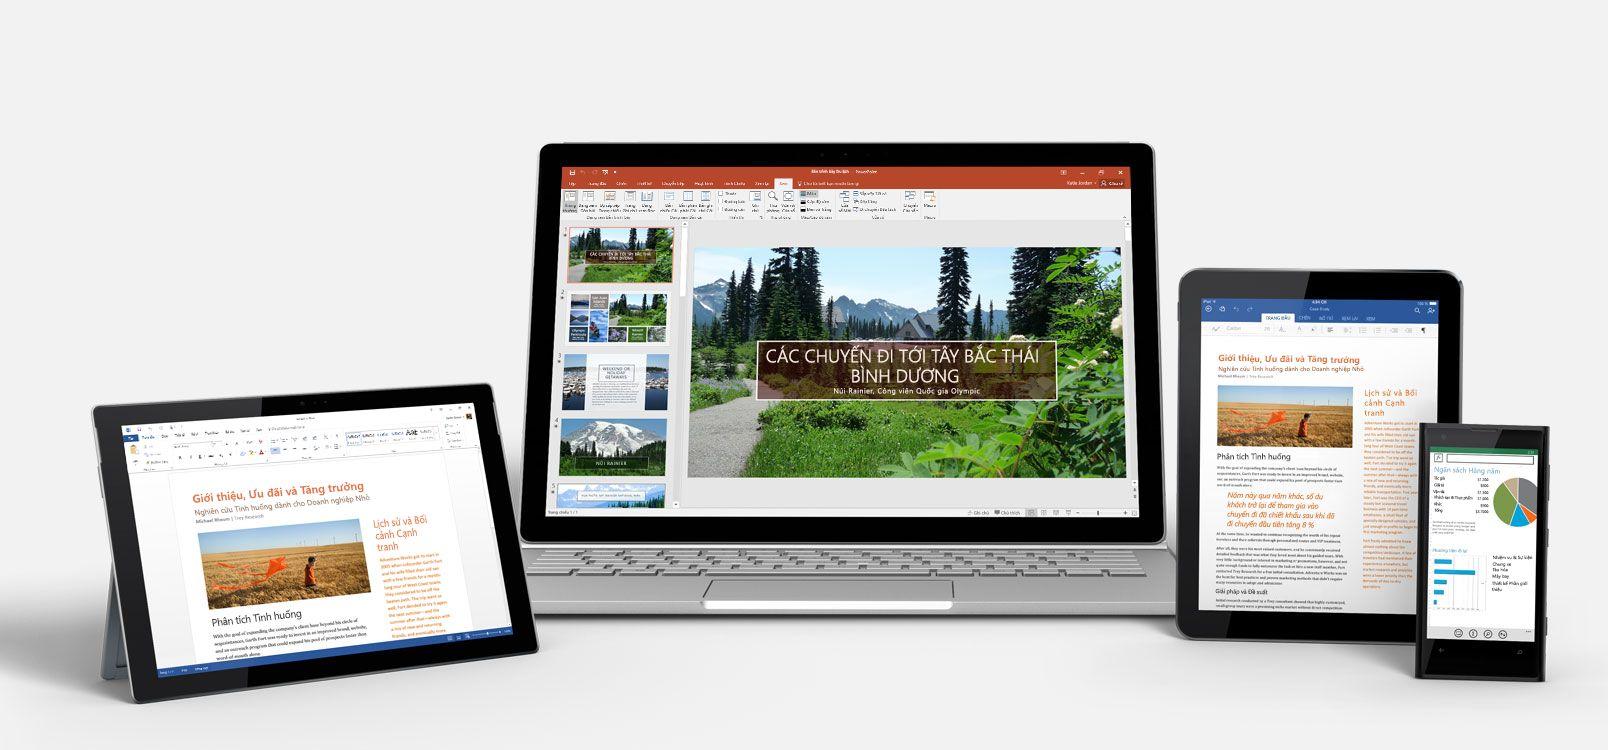 Một máy tính bảng chạy Windows, máy tính xách tay, iPad và một điện thoại thông minh hiển thị Office 365 đang được sử dụng.